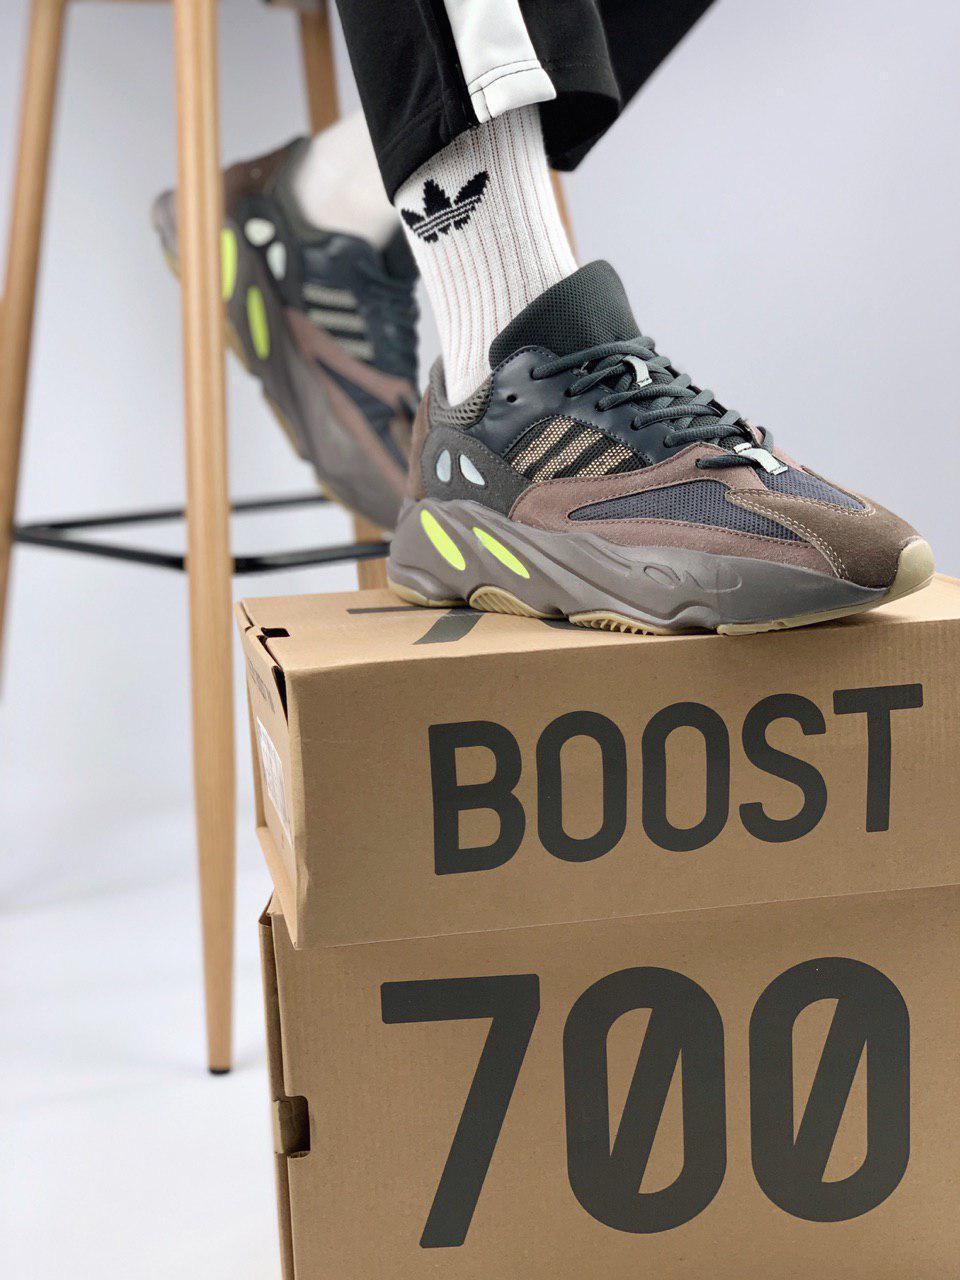 c25929a82 Кроссовки Adidas Yeezy 700 Mauve - Интернет магазин обуви «im-РоLLi» в Киеве